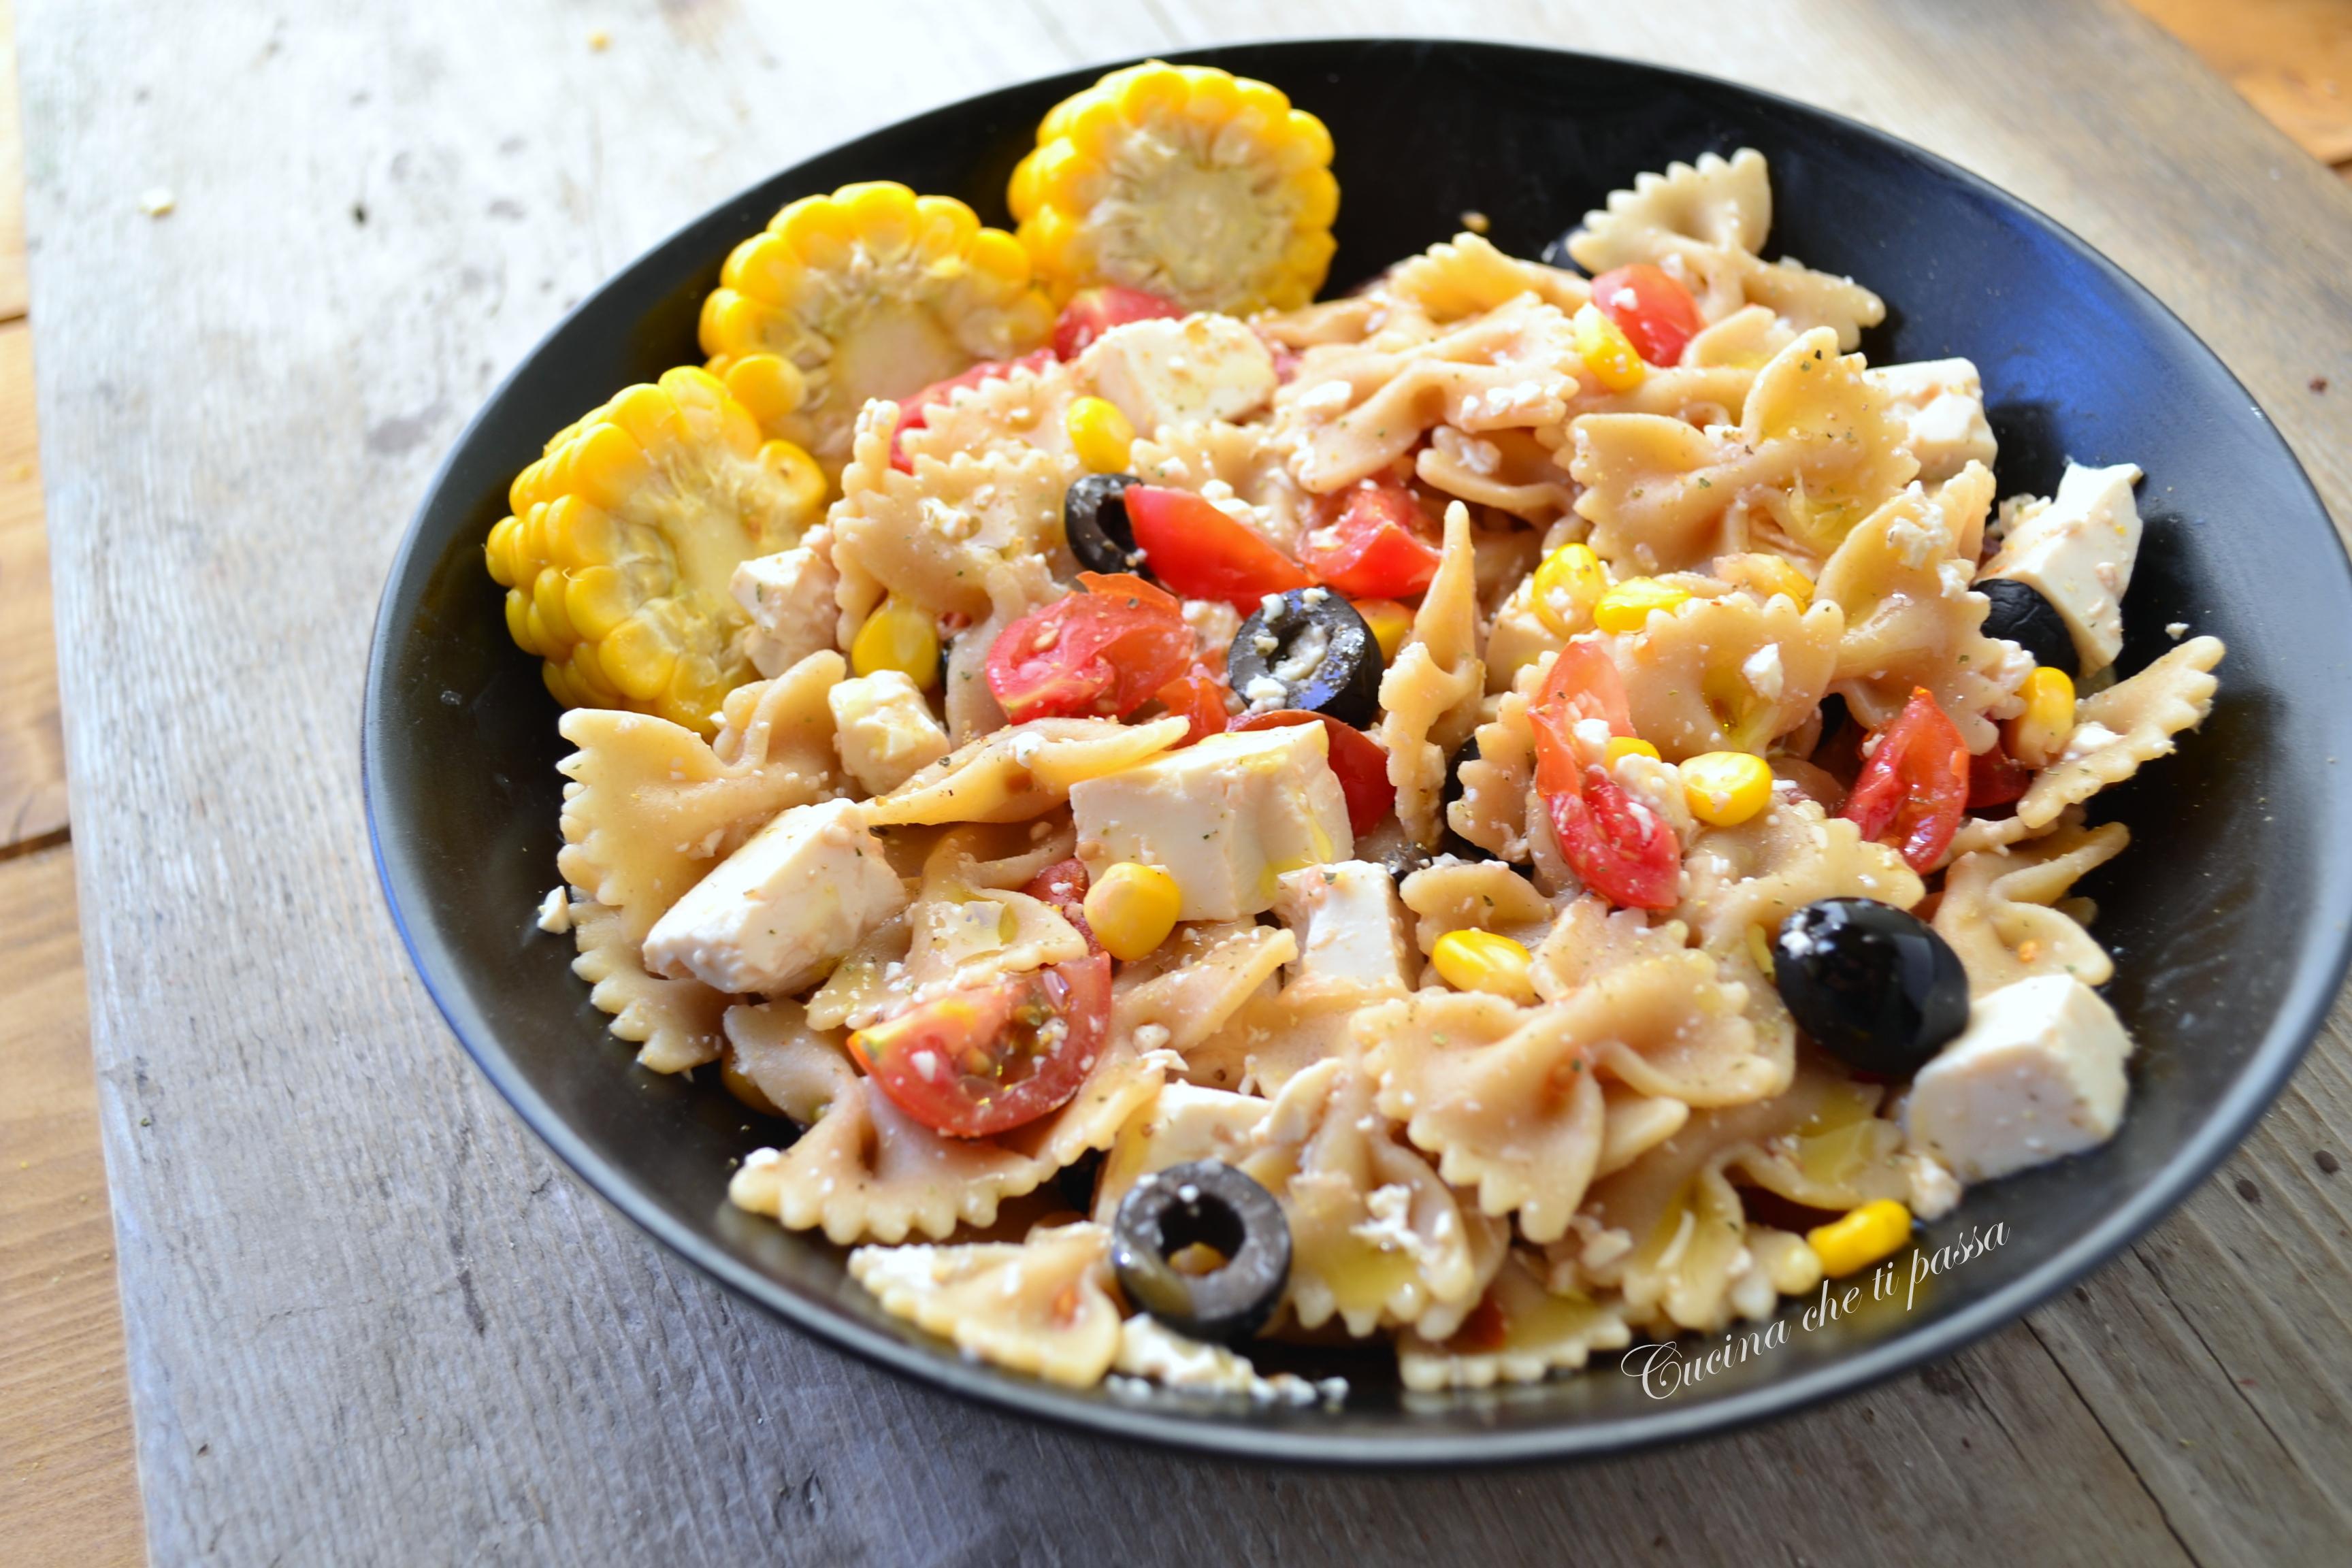 Favorito Insalata di pasta vegana con tofu | Cucina che ti passa ZJ13